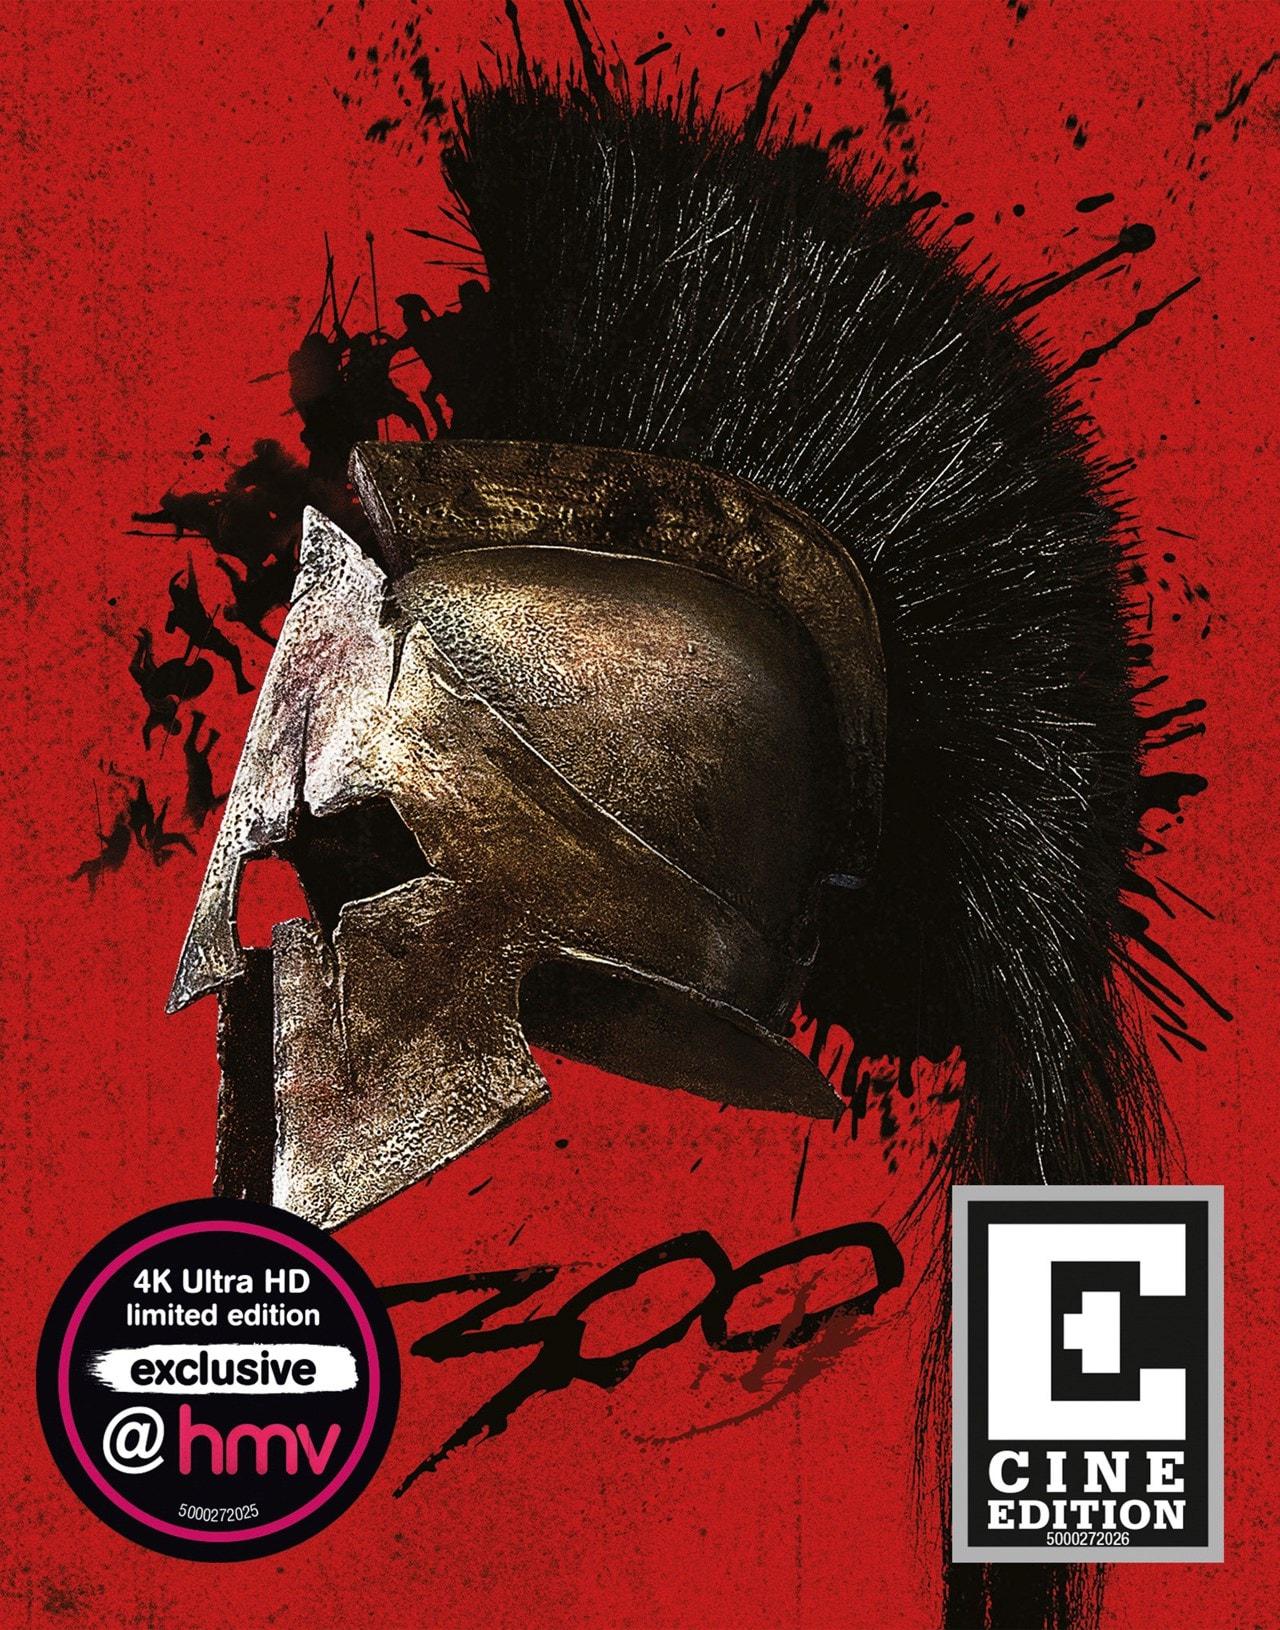 300 (hmv Exclusive) - Cine Edition - 2